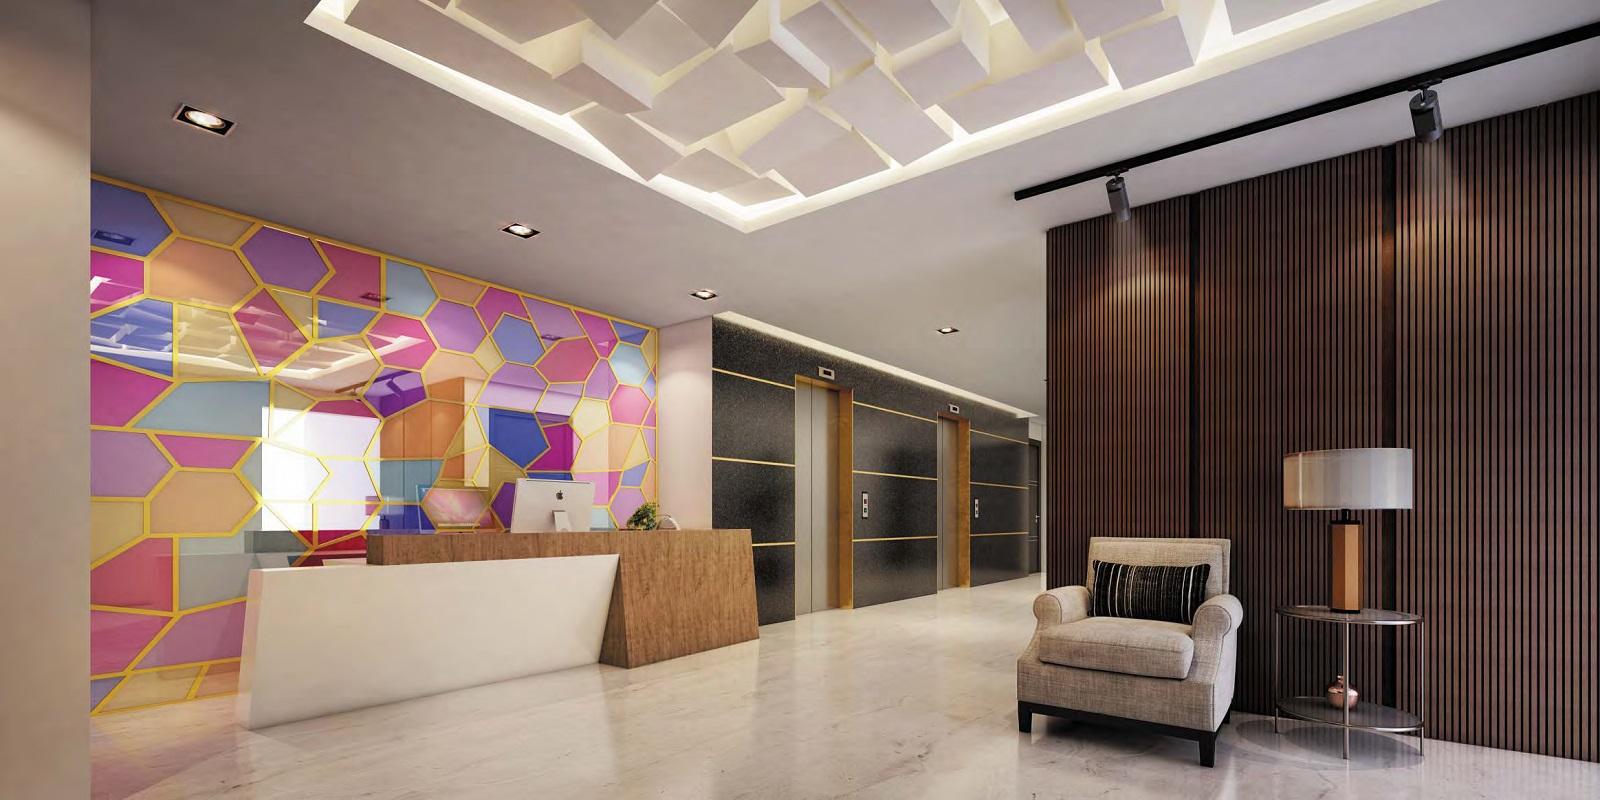 rishi pranaya phase i amenities features20